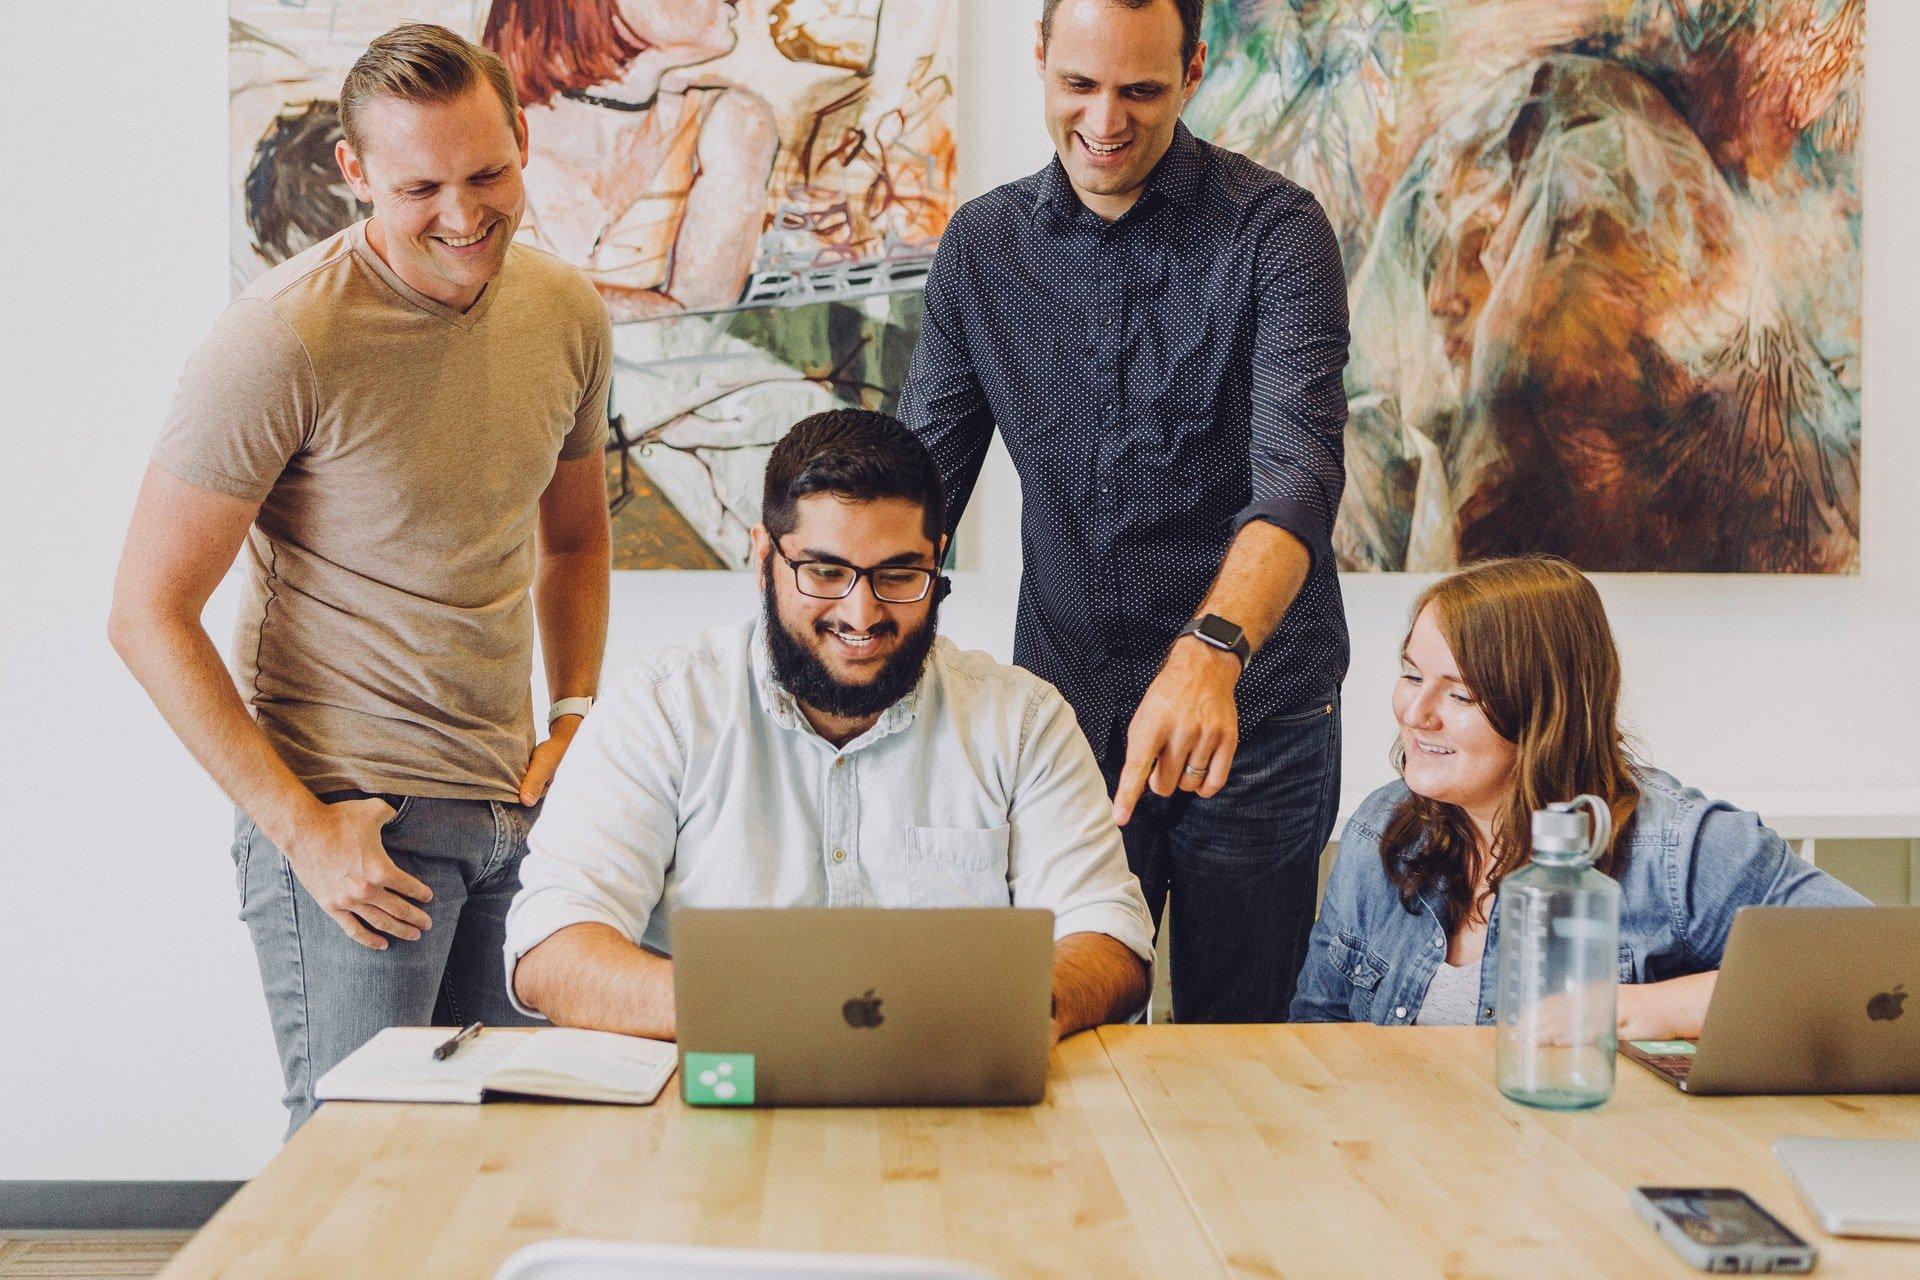 銷售團隊在辦公室里抱團合作 高畫質圖片